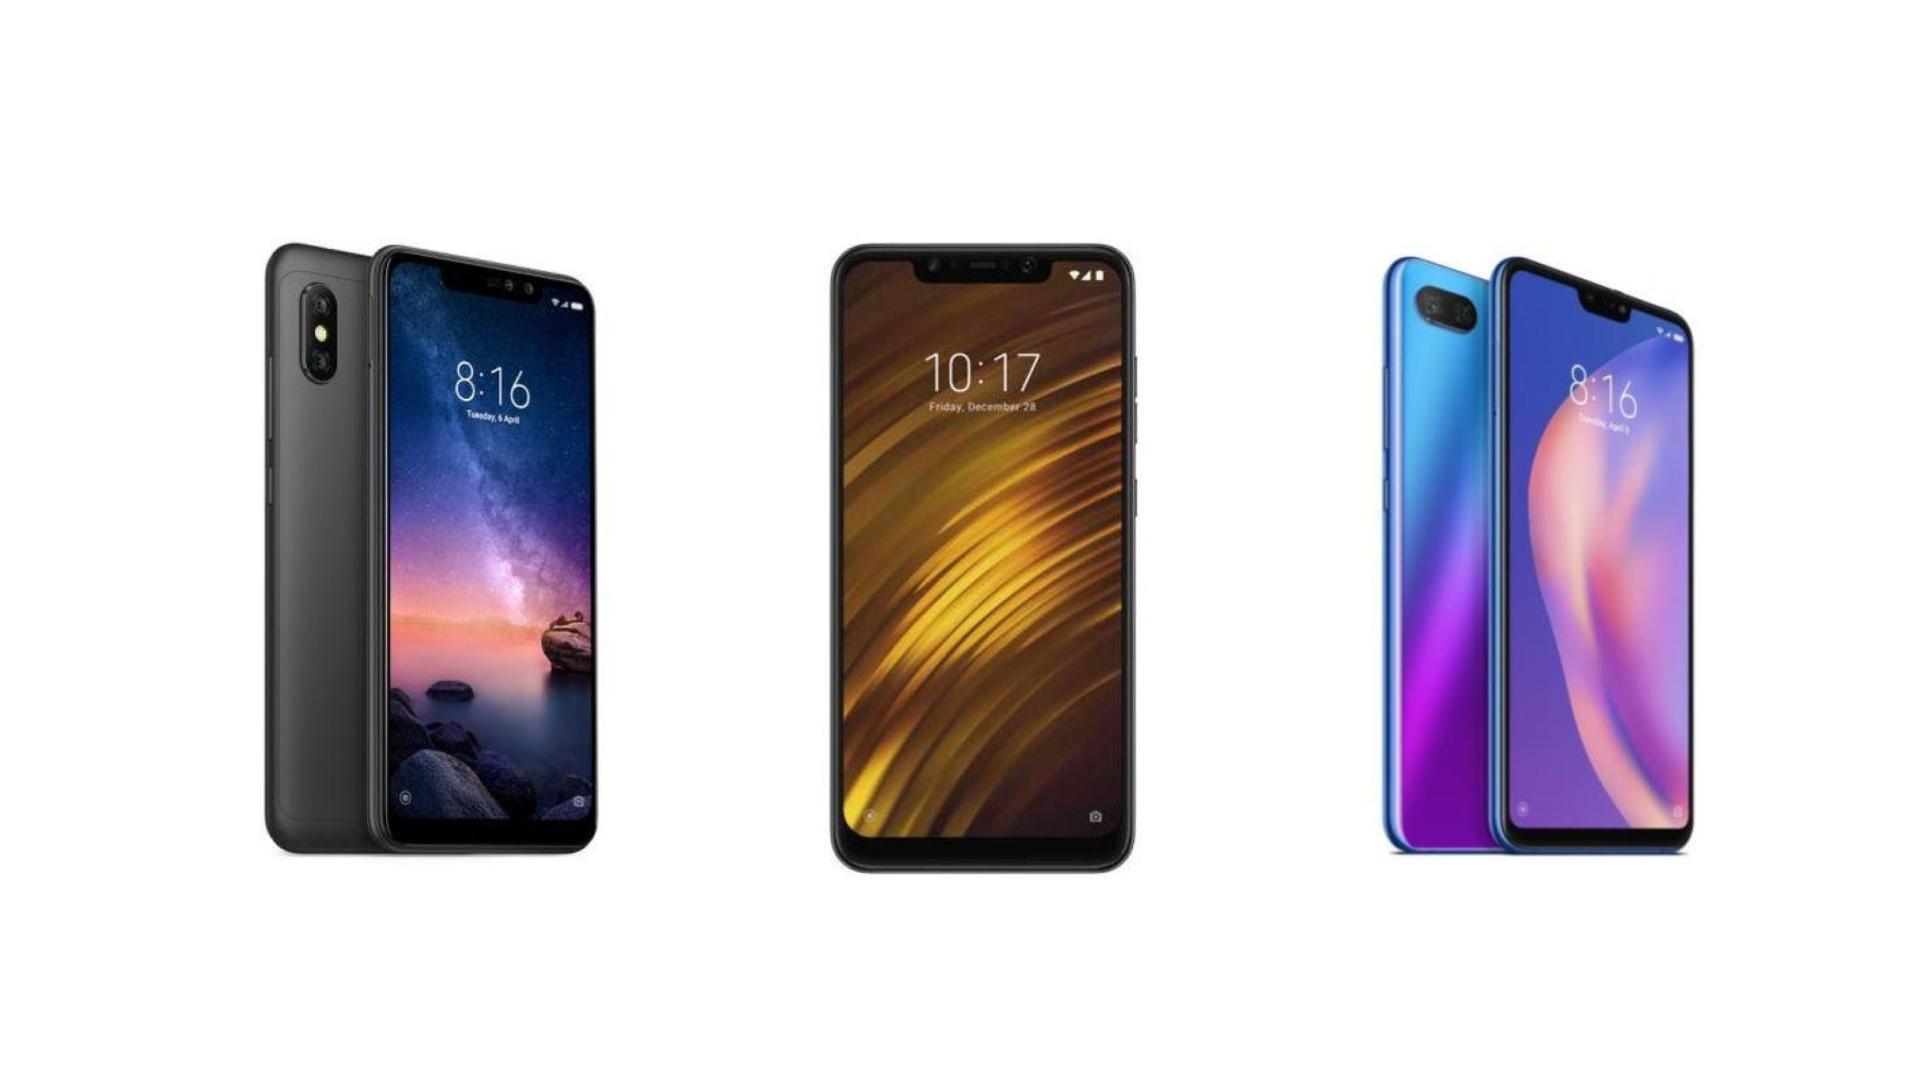 Xiaomi Mi 8 Lite à 235 euros, Xiaomi Redmi Note 6 Pro à 185 euros et Pocophone F1 à 295 euros ce dimanche sur Rakuten